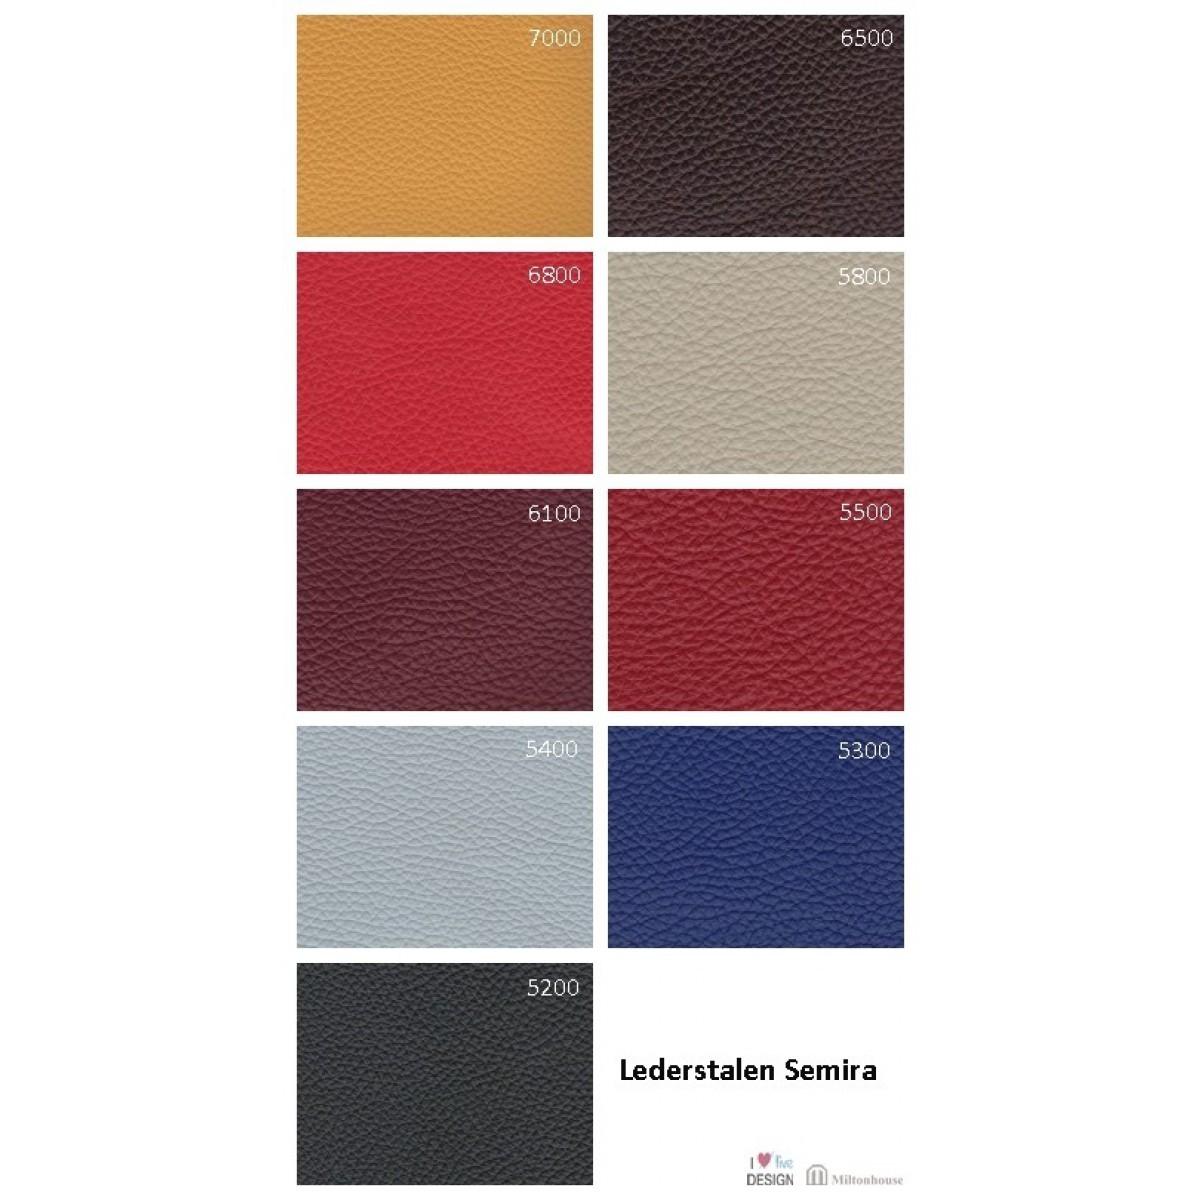 leer-leder-semira-kleuren1